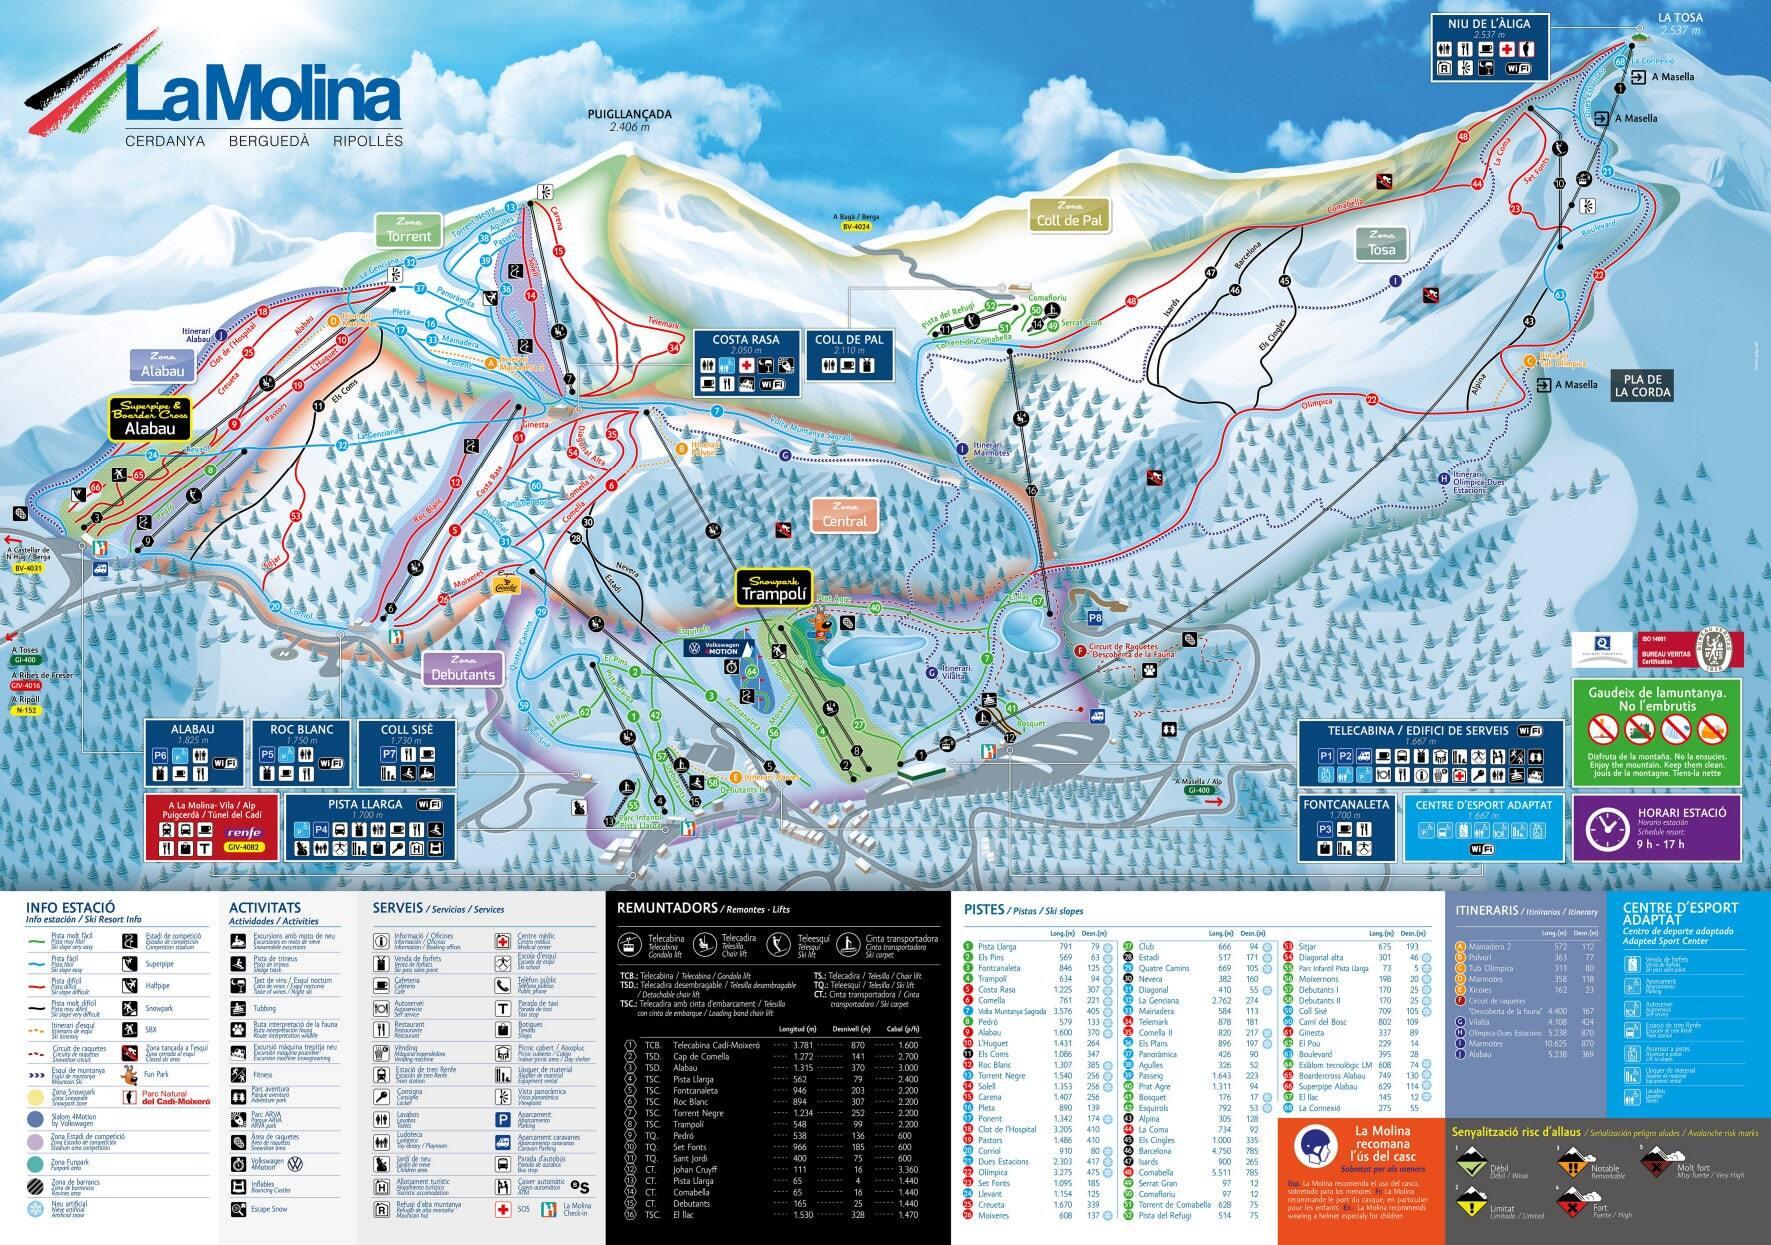 La Molina Piste / Trail Map